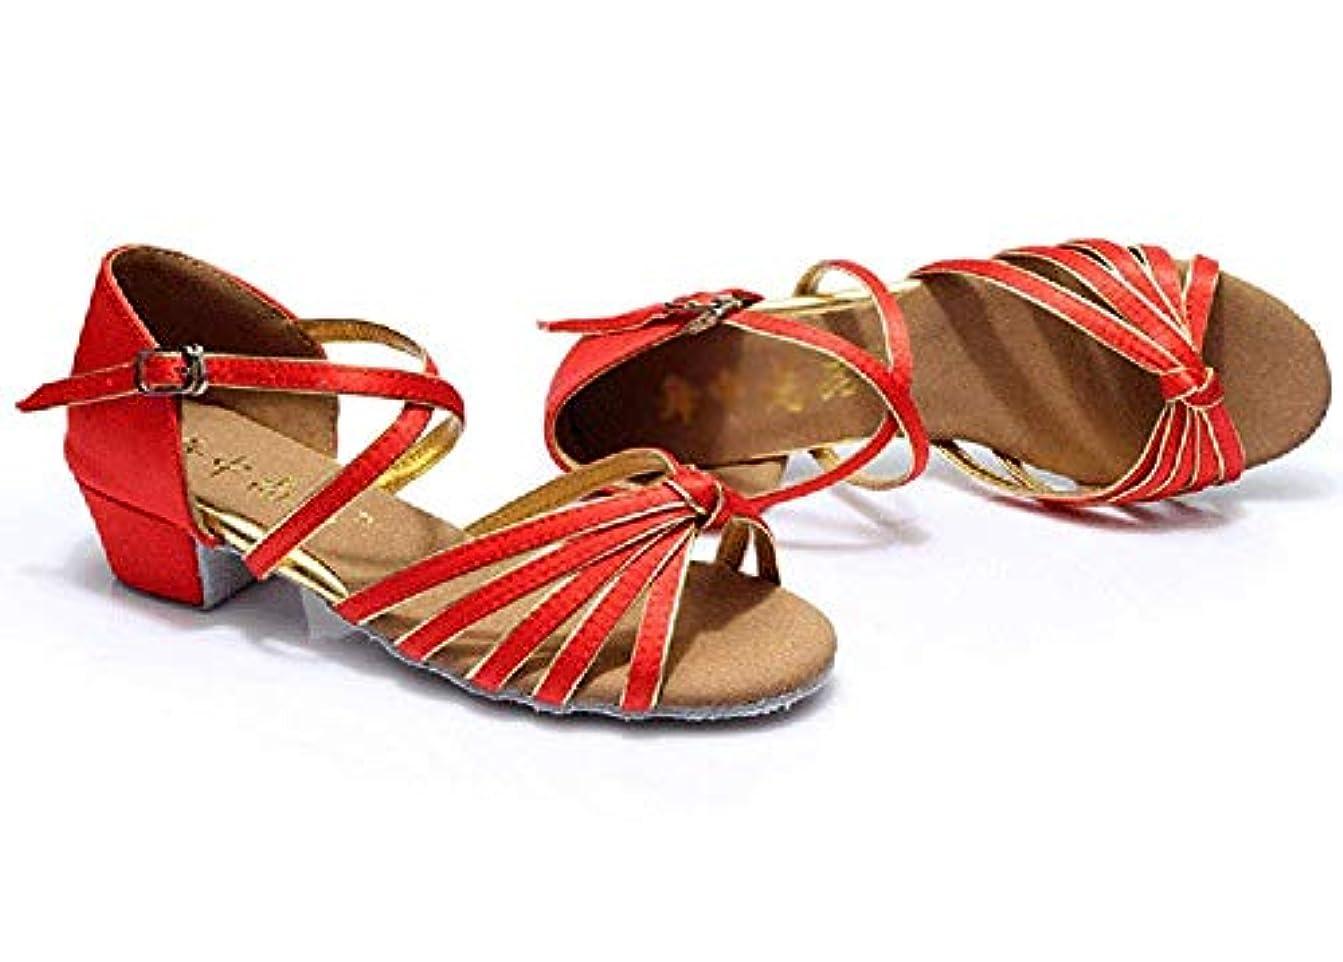 シャーク発明するじゃない[Dianyejiancai] 最新の女性ダンスシューズ 女の子ラテンダンスシューズ、子供用ダンスシューズローヒール耐摩耗性サンダル (Color : 赤, サイズ : Foot length=19.3CM(7.6Inch))